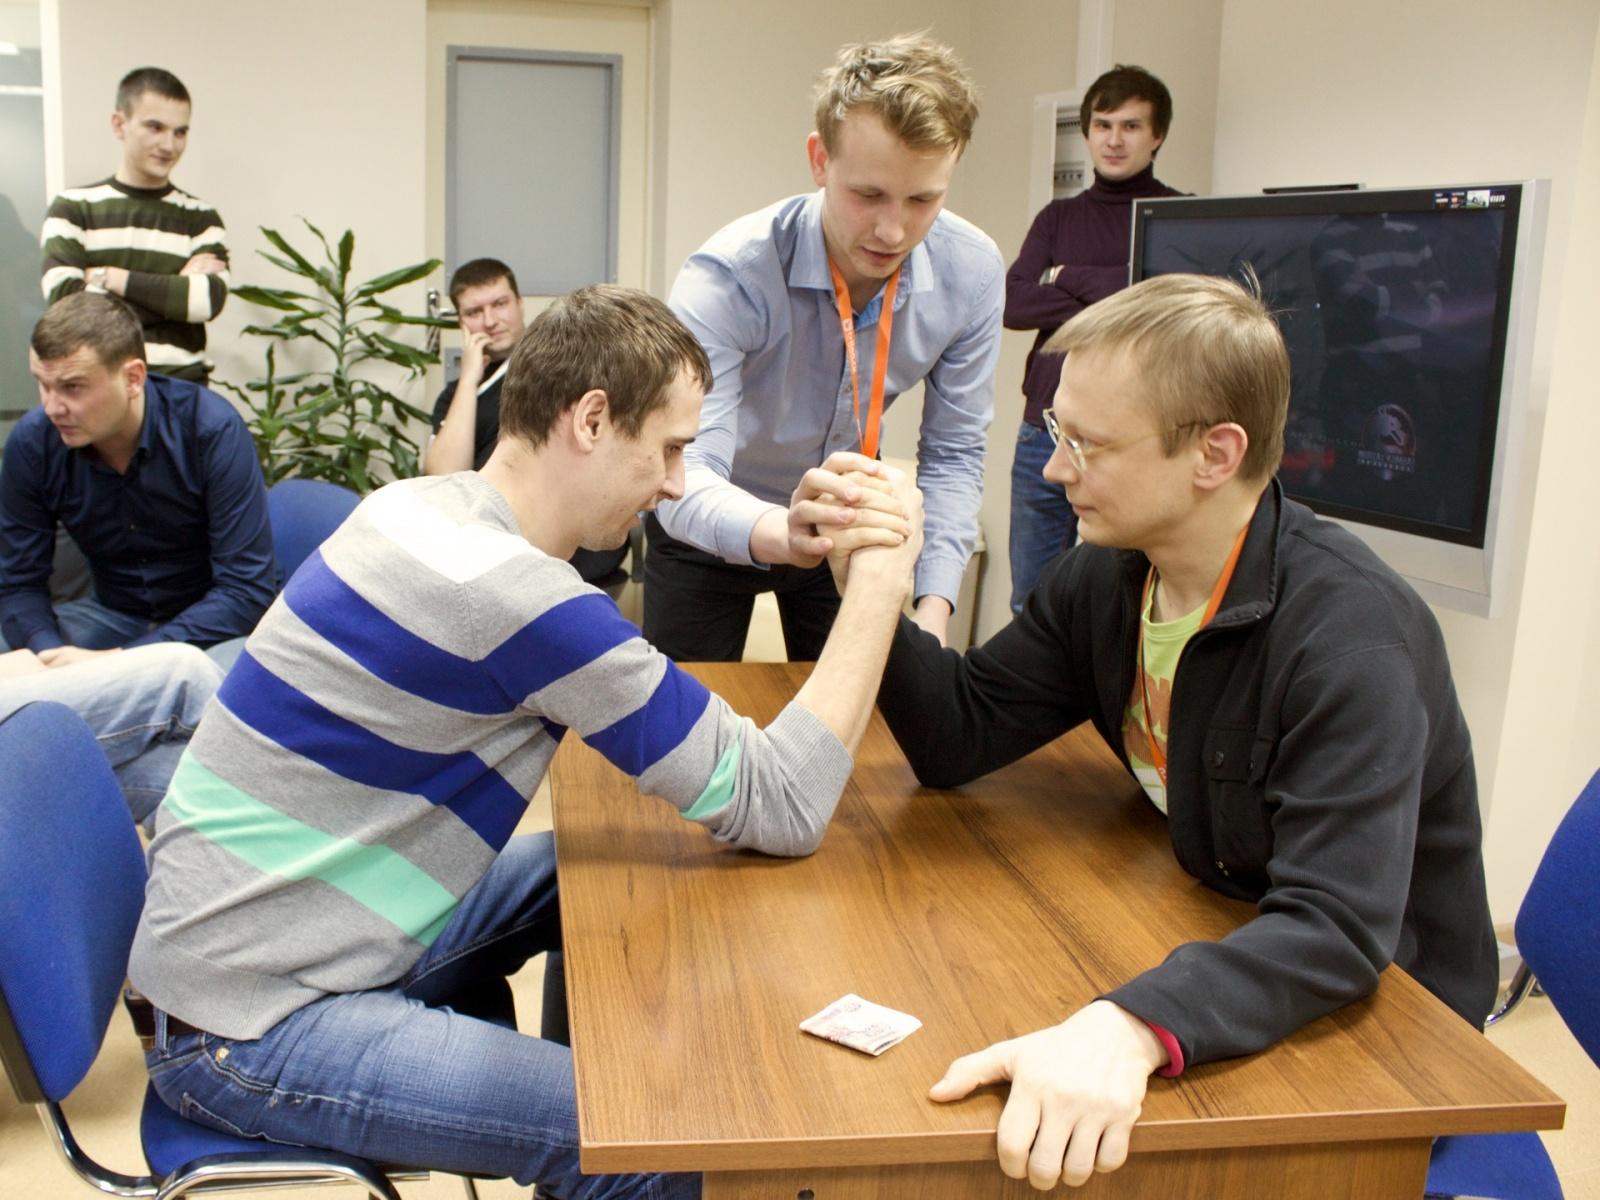 Андрей Воропаев, ТриЛан: «В 40 лет бизнес только начинается» - 10